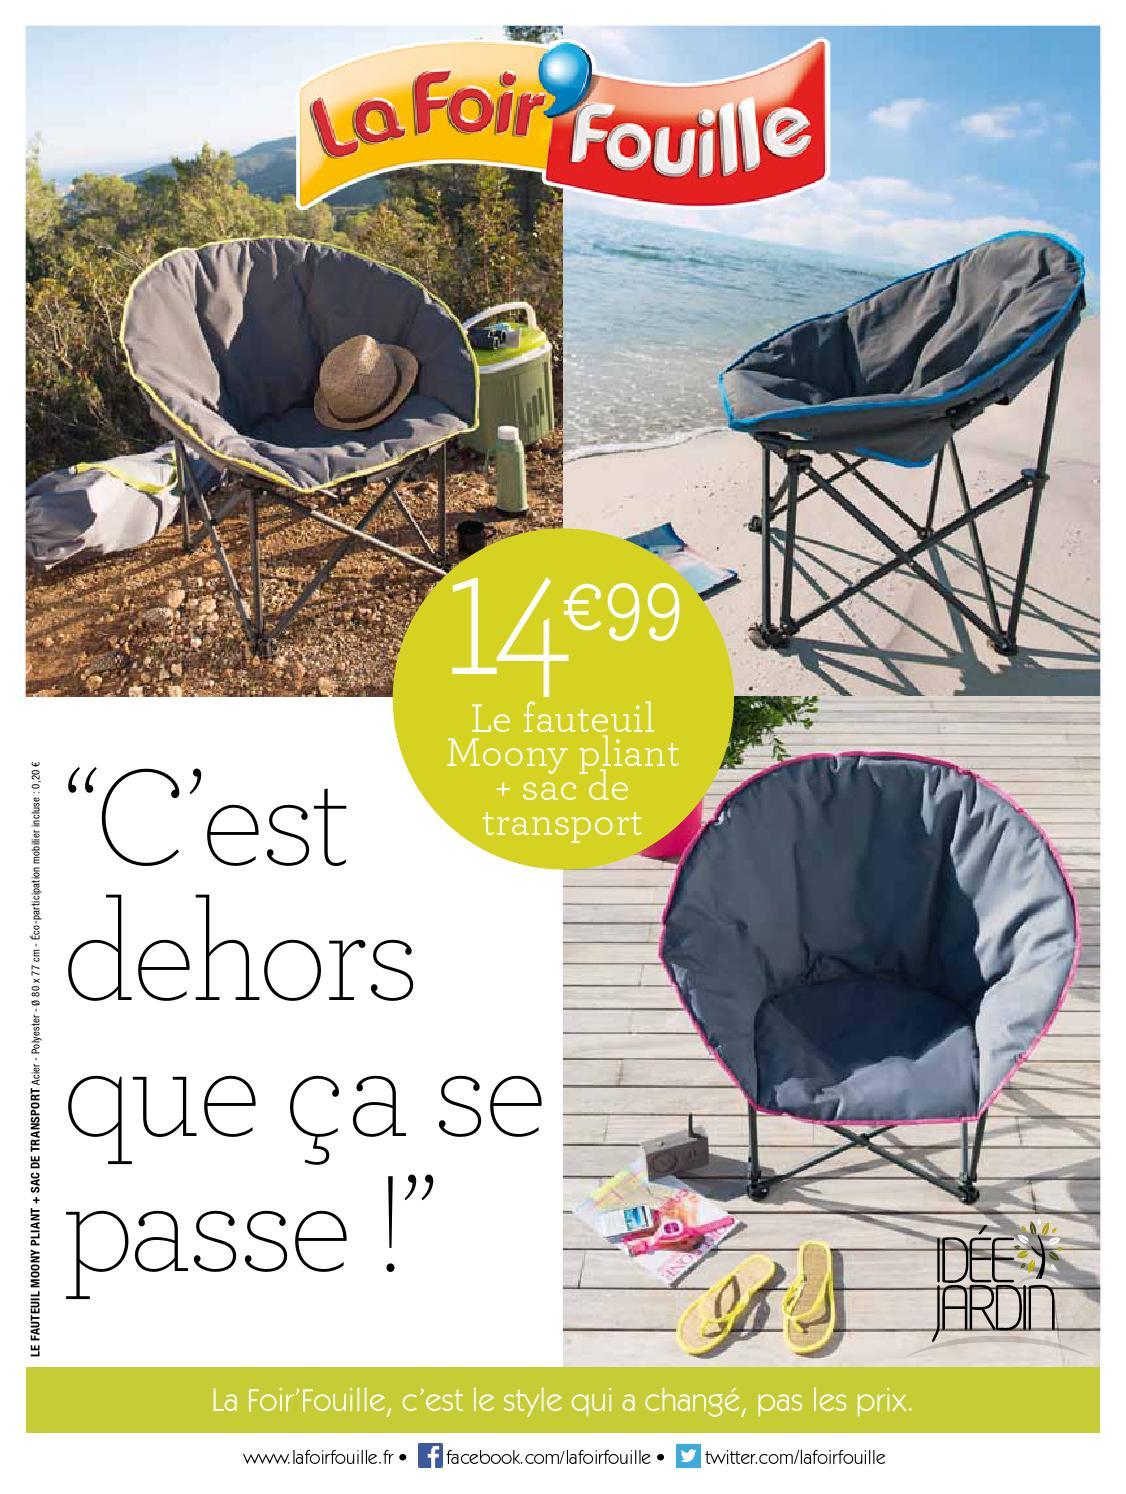 Catalogue La Foir Fouille - C'est Dehors Que Ça Se Passe! By ... intérieur Foir Fouille Salon De Jardin